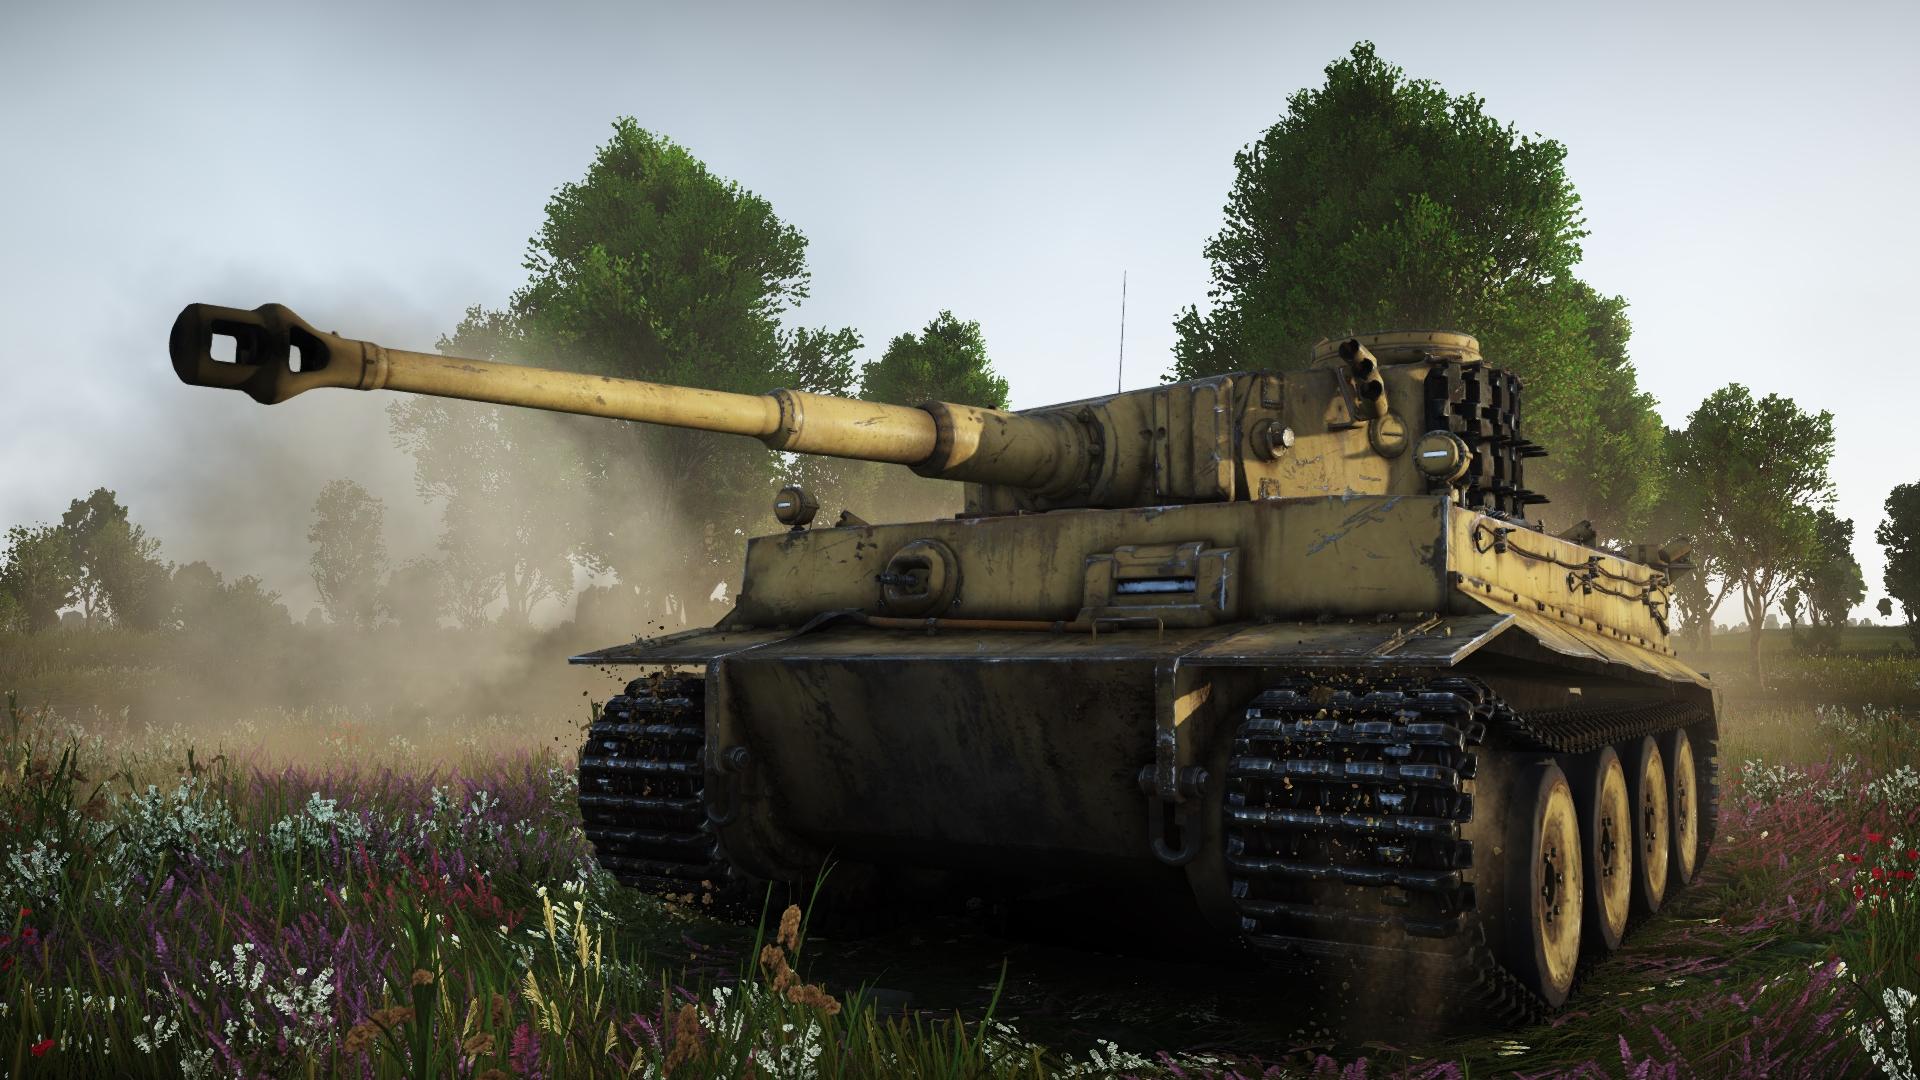 War Thunder - Next-Gen MMO Combat Game for PC, Mac, Linux and ...: warthunder.com/en/devblog/current/636